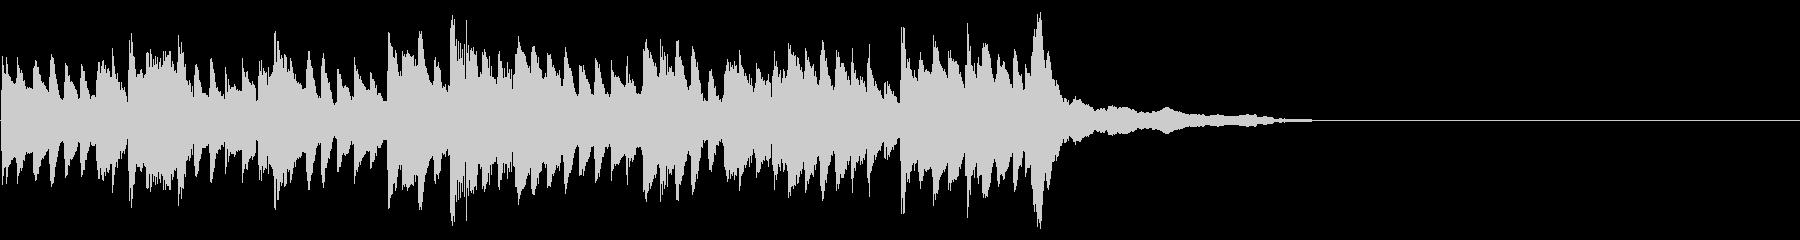 美容コスメ動画 ピアノのコーナータイトルの未再生の波形